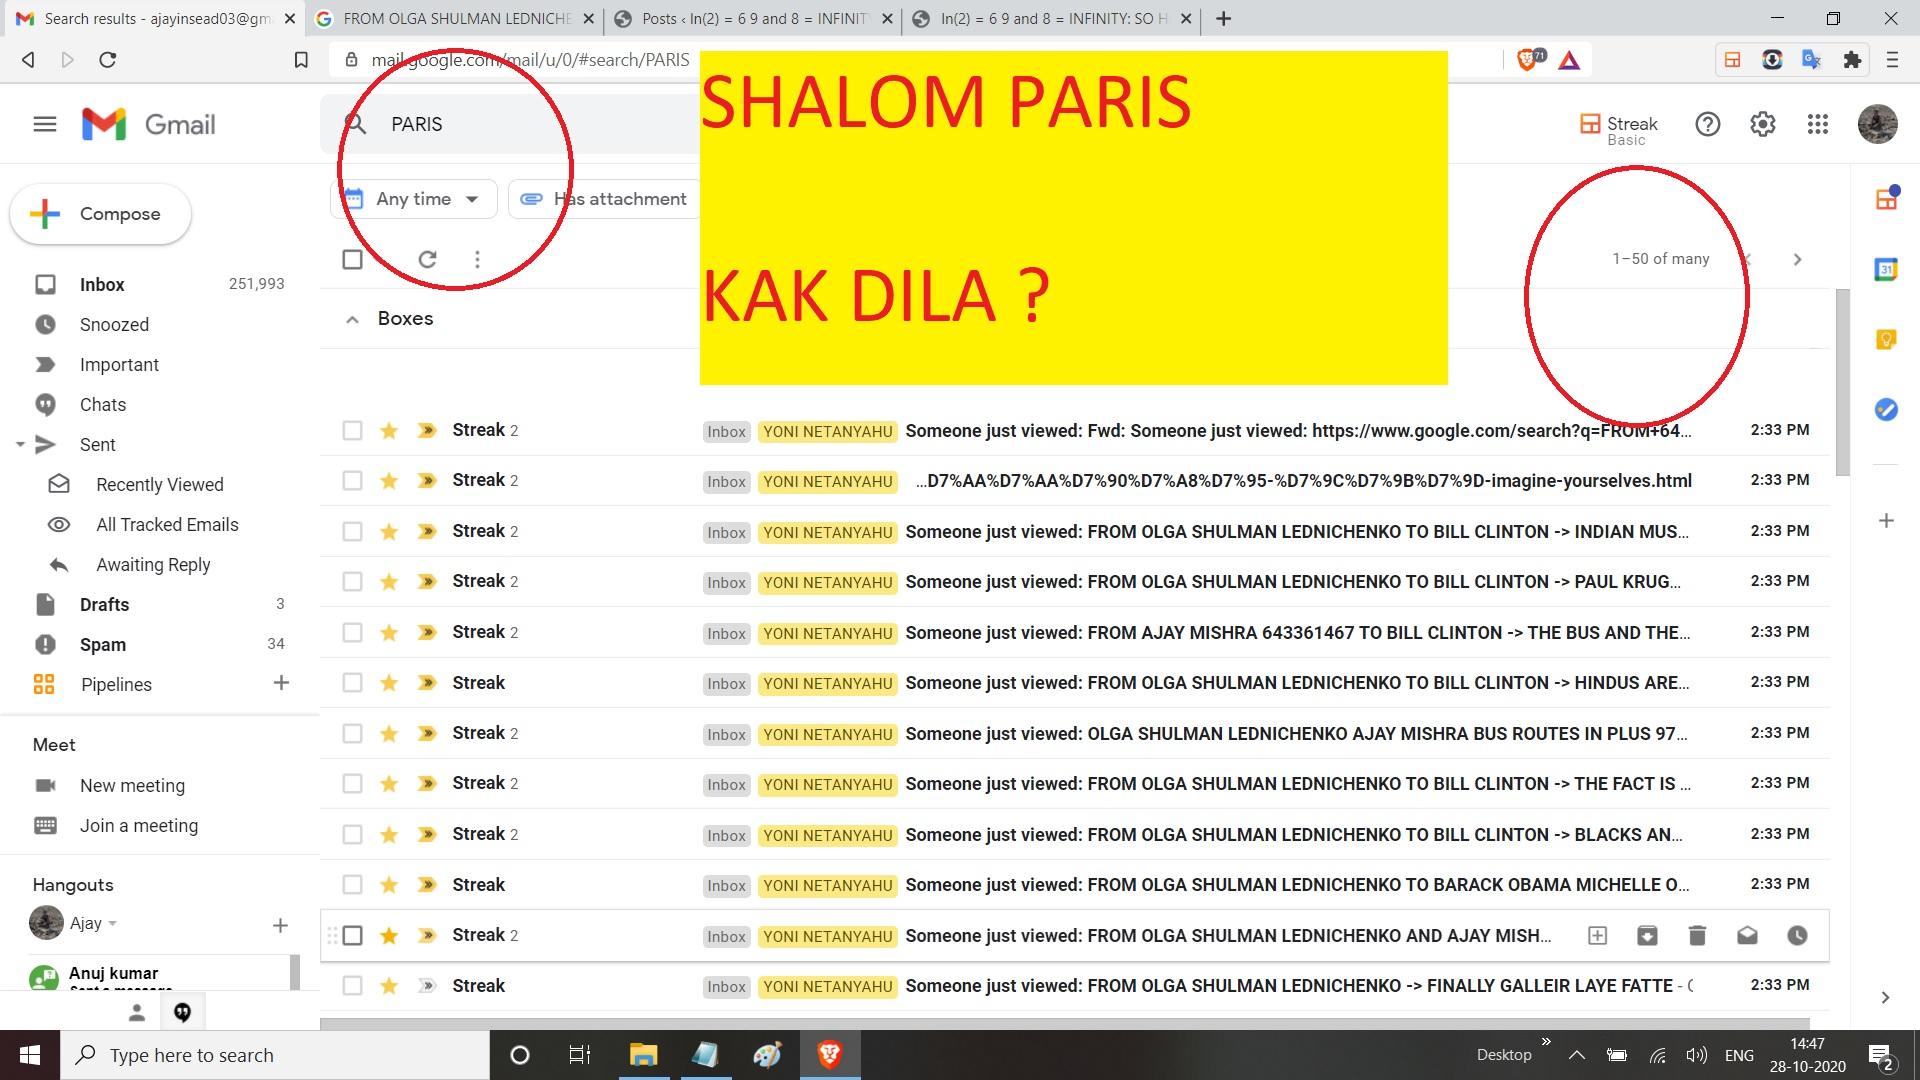 SHALM PARIS KAK DILA